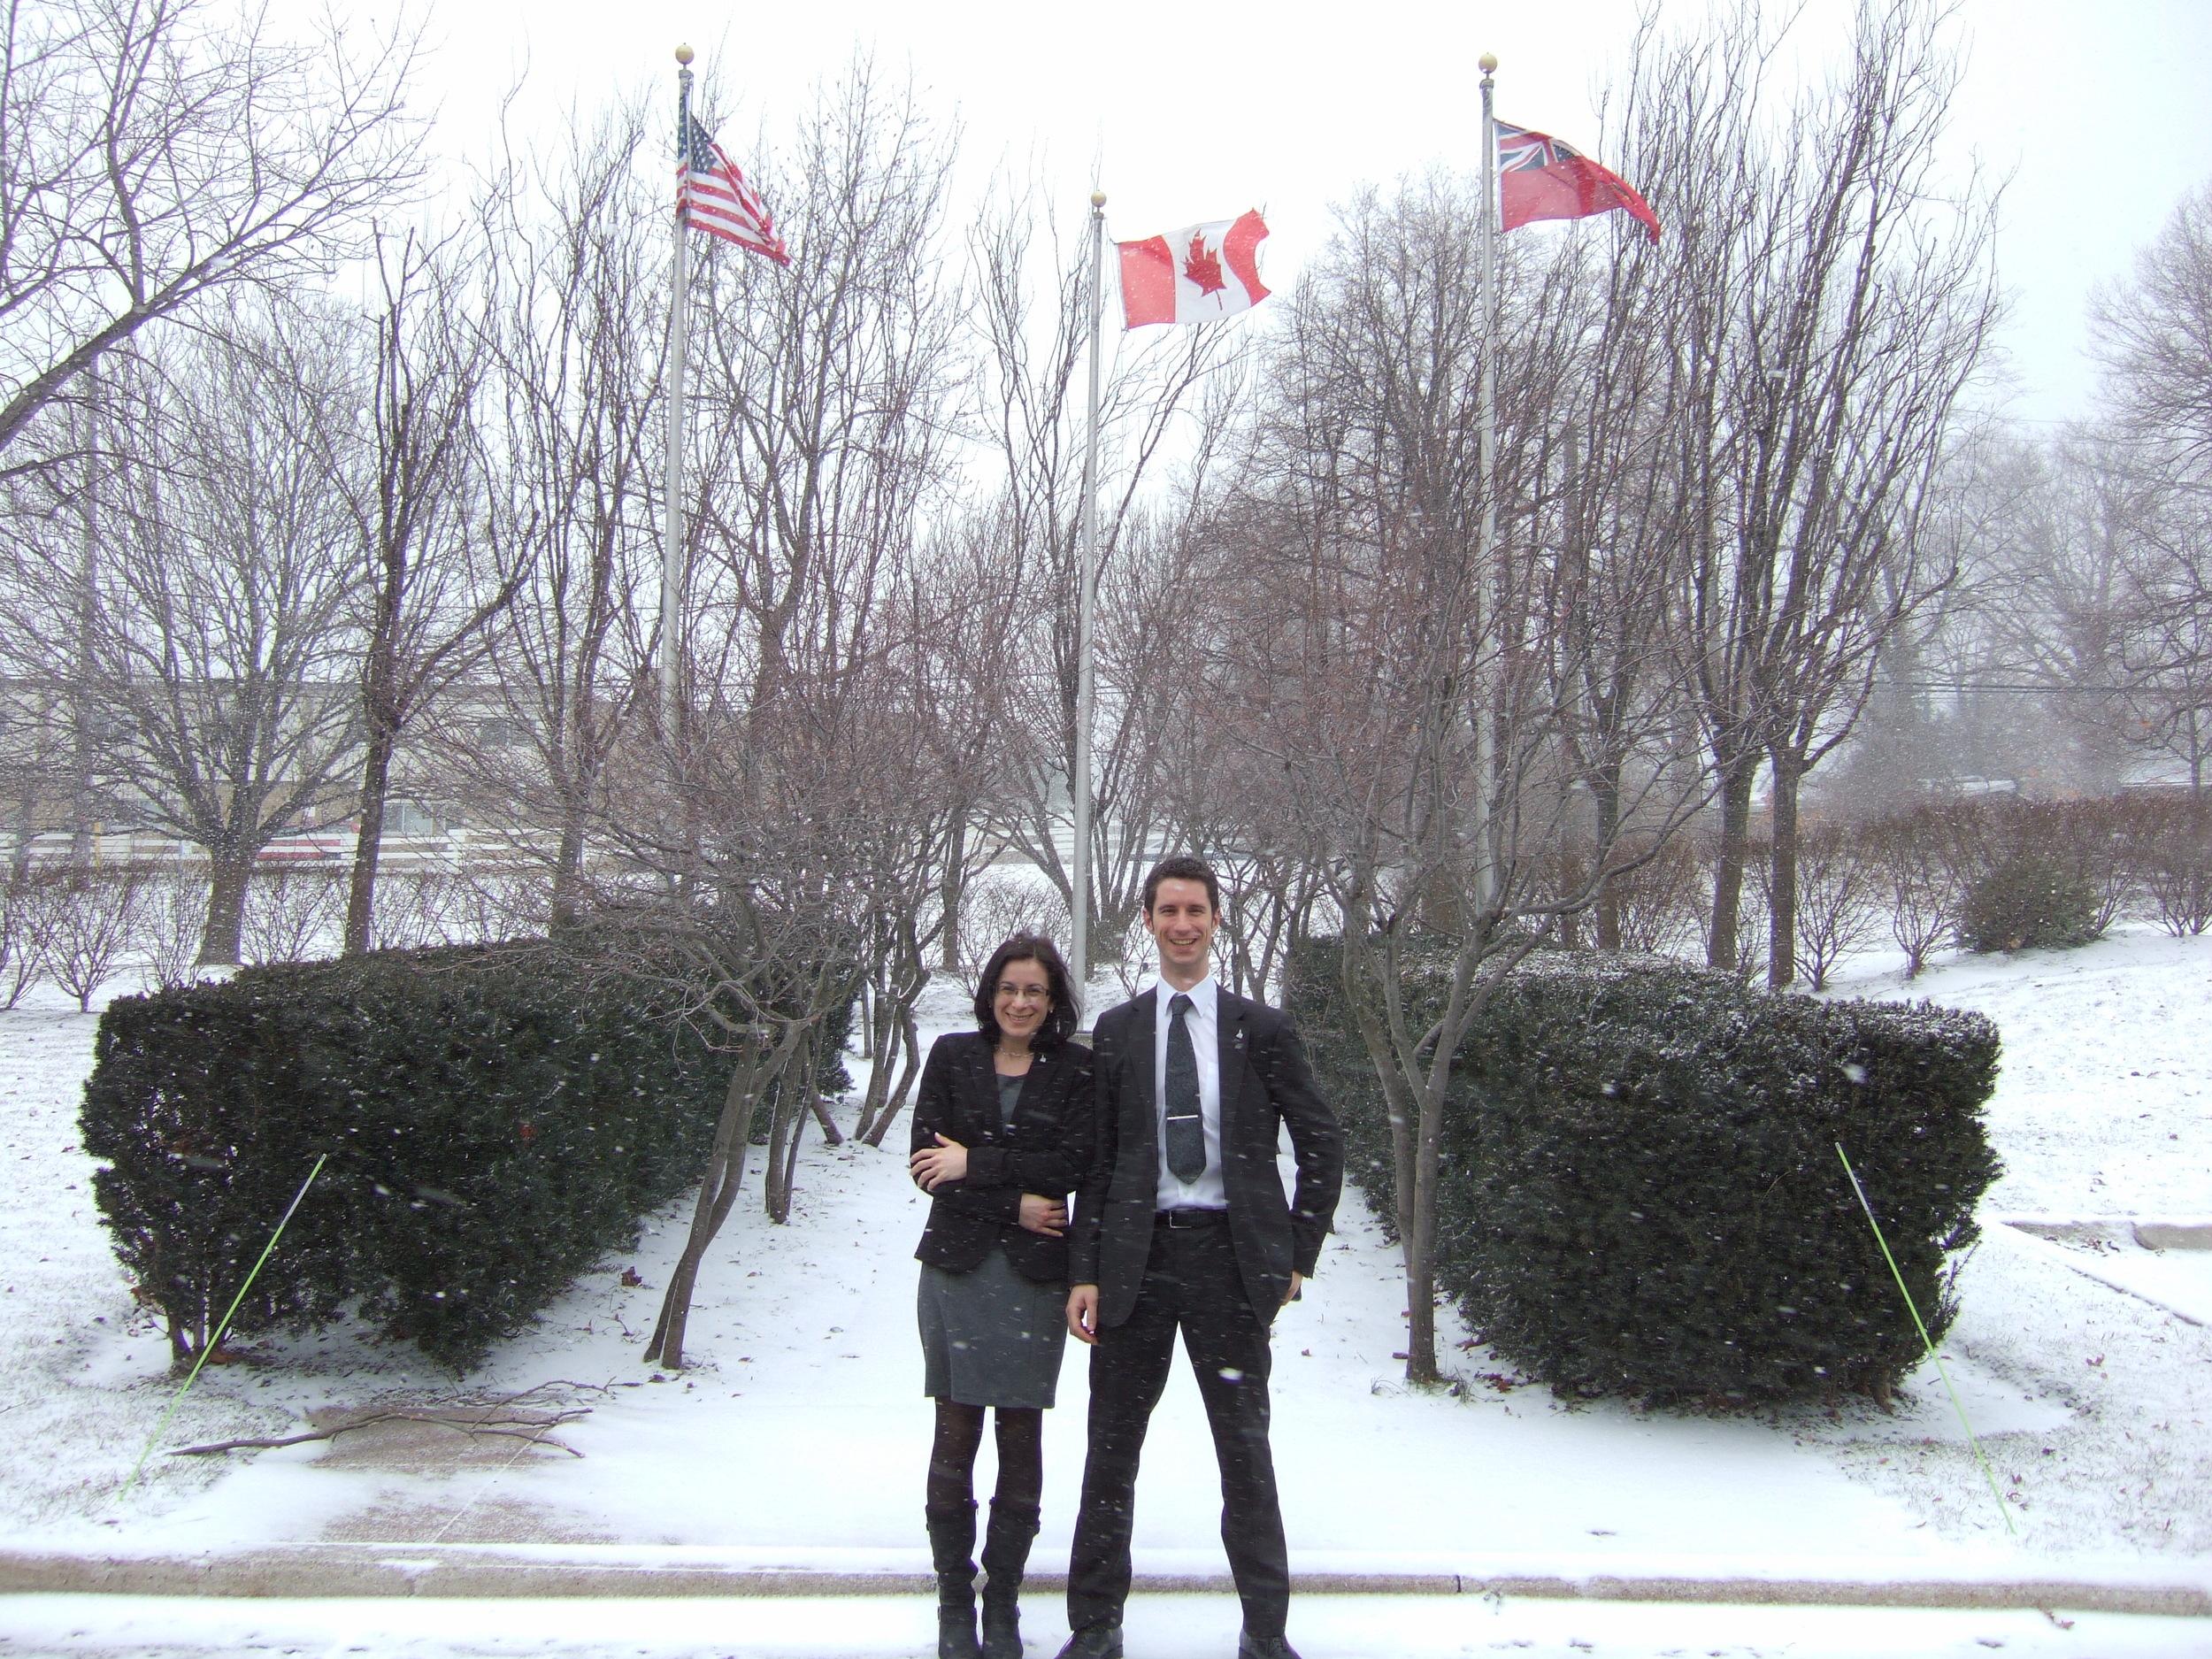 Visiting Janssen in Toronto, Canada